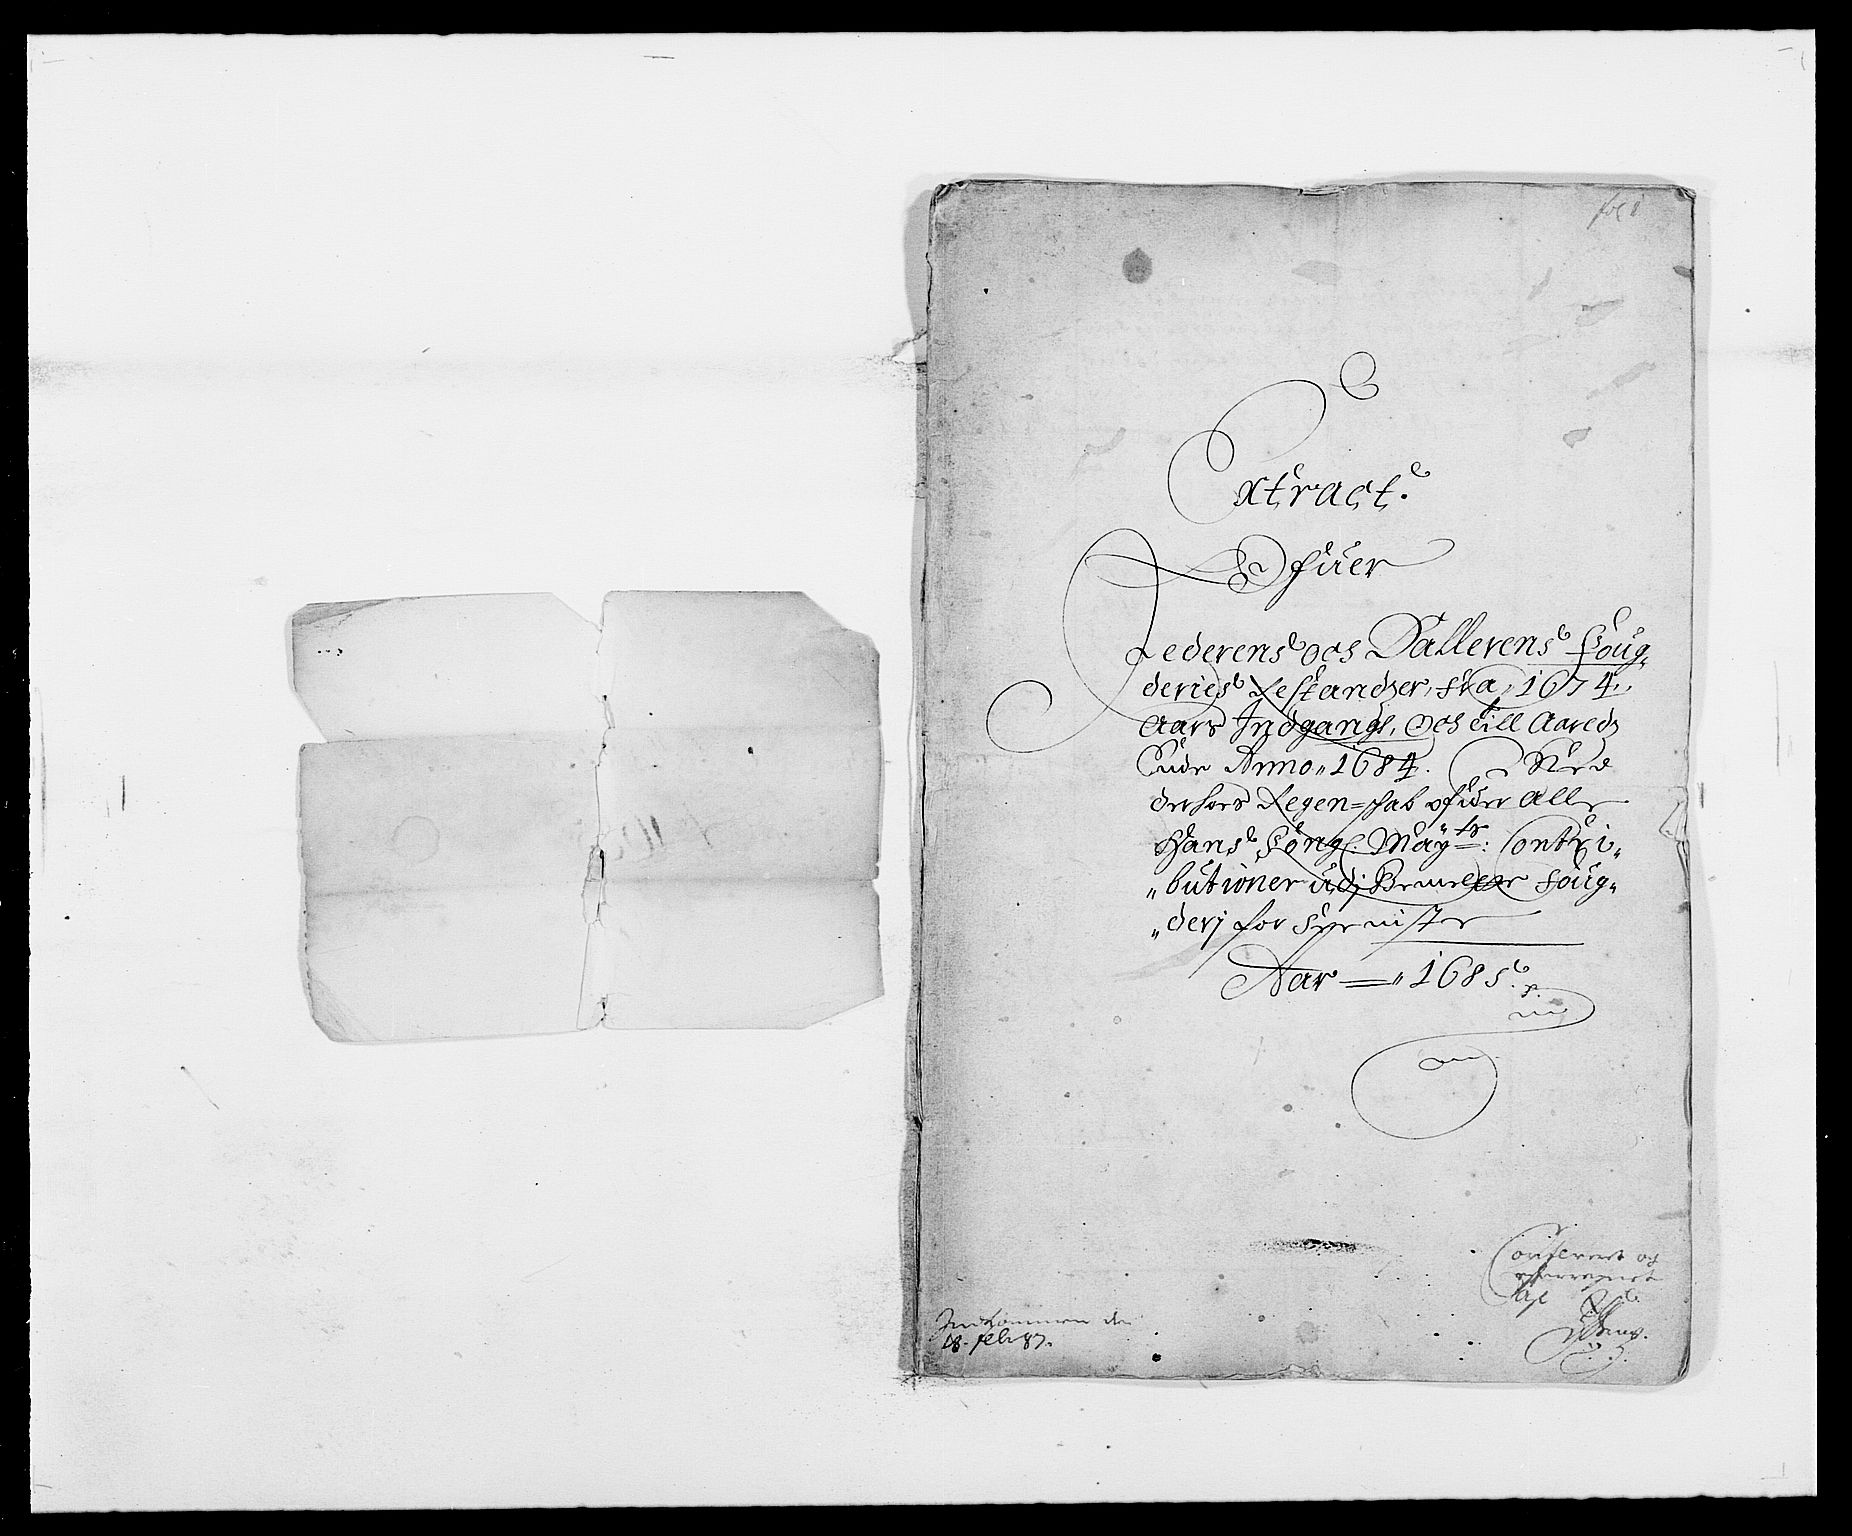 RA, Rentekammeret inntil 1814, Reviderte regnskaper, Fogderegnskap, R46/L2725: Fogderegnskap Jæren og Dalane, 1685, s. 2